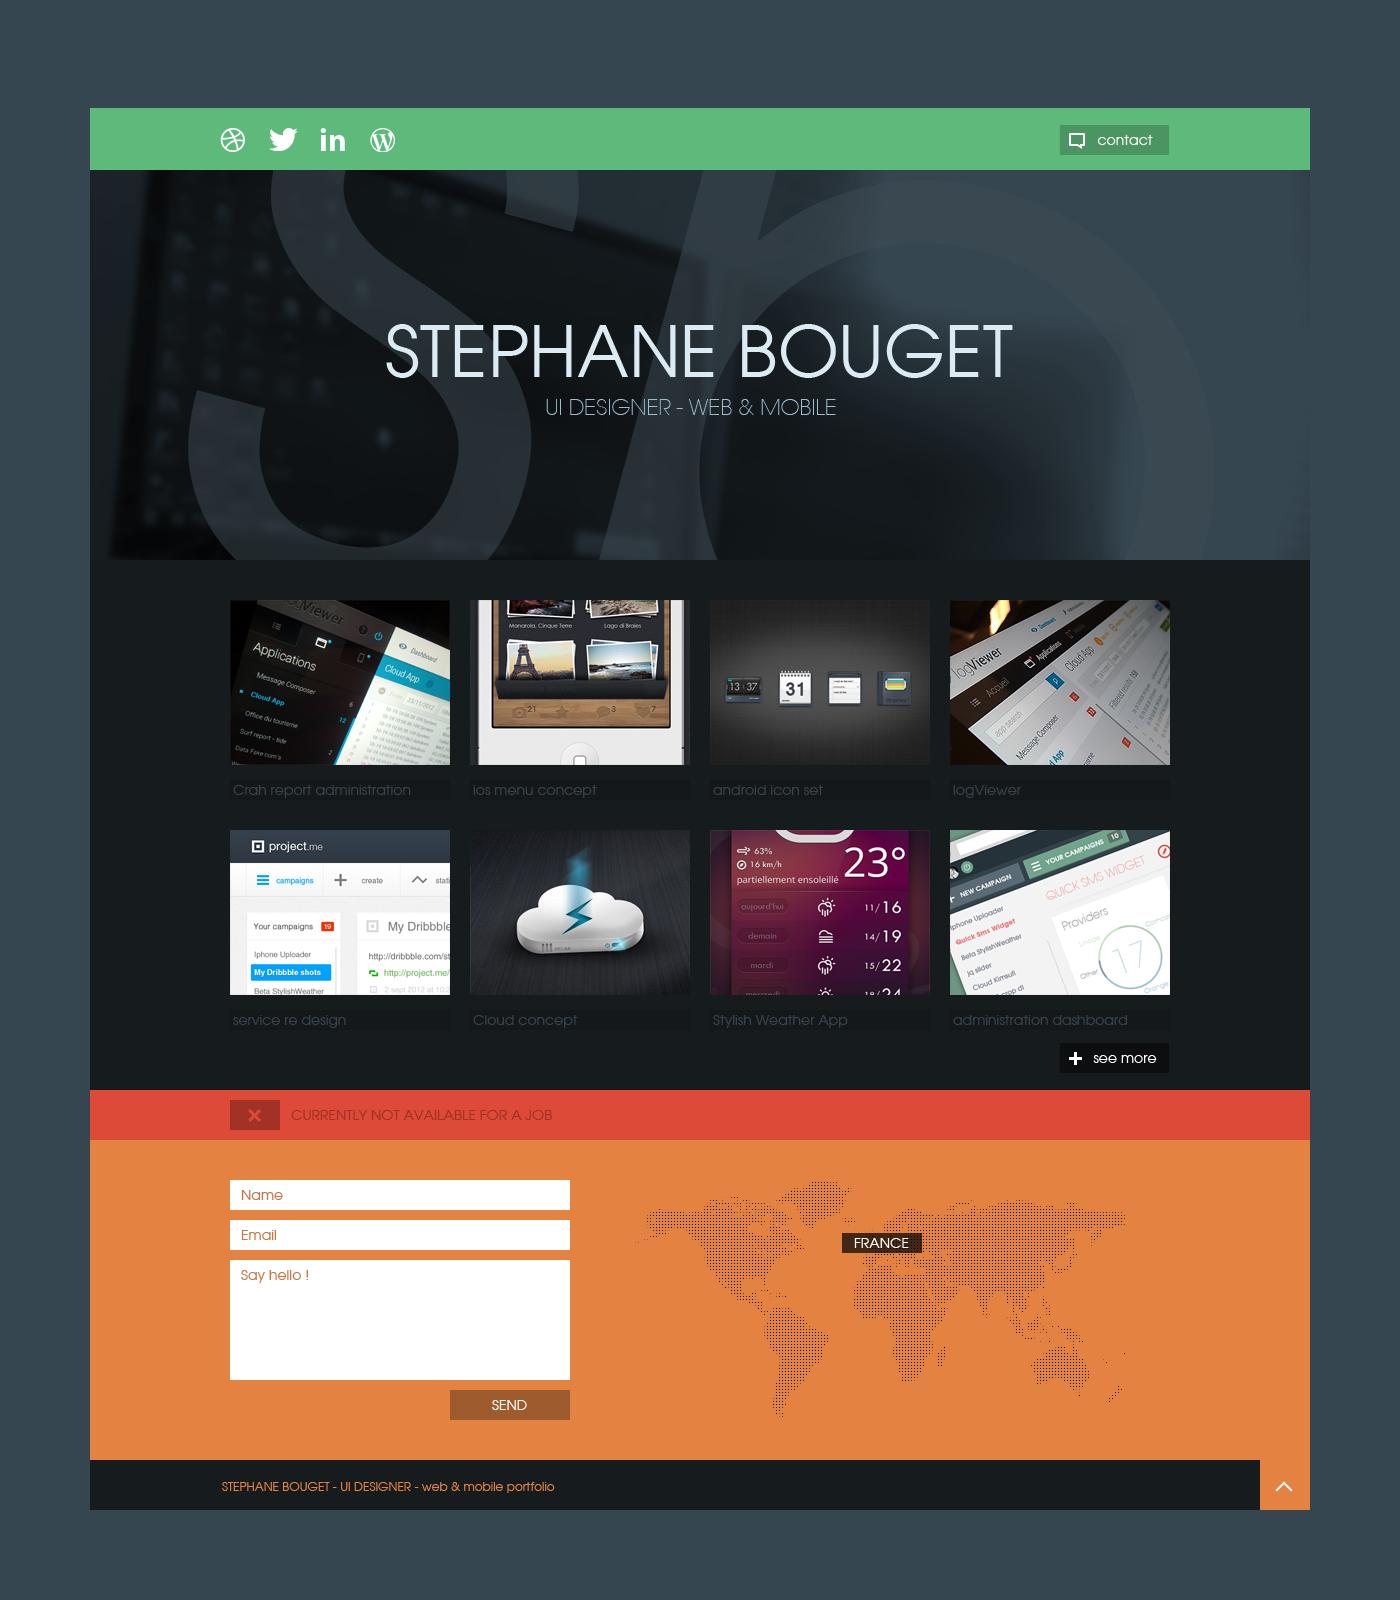 Stephane bouget portfolio 2013 big